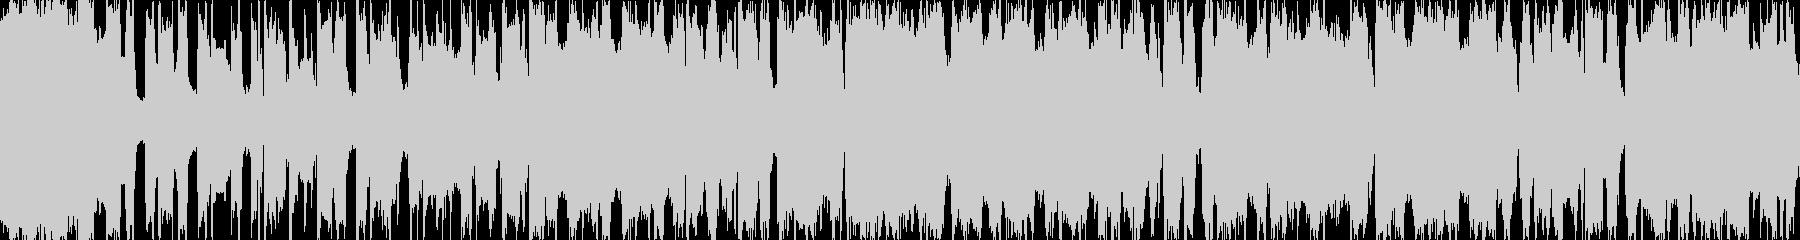 8bitピコピコ(サビ)の未再生の波形